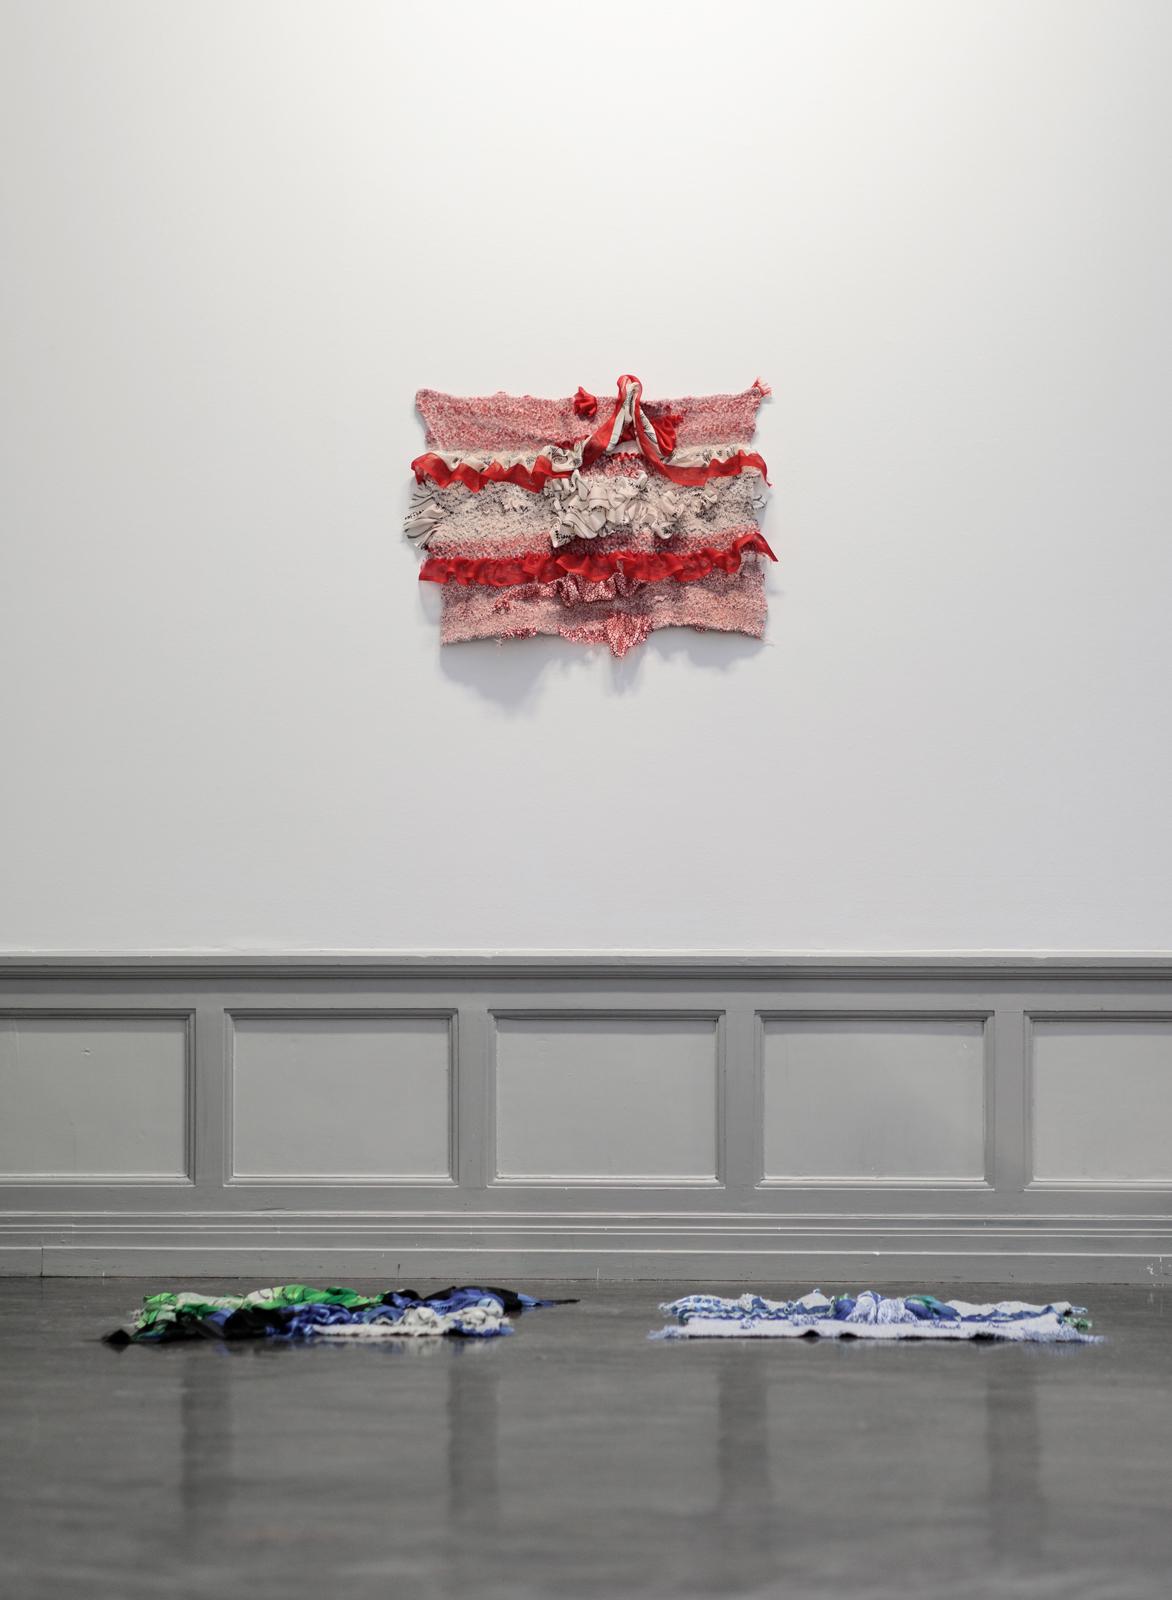 Guys Next Door, Installation image from the group exhibition Ode til Vaskeklut, Hymne til en Tiger, Kunsthall Stavanger, January 2018 - Photo: Oddbjørn Erland Aarstad